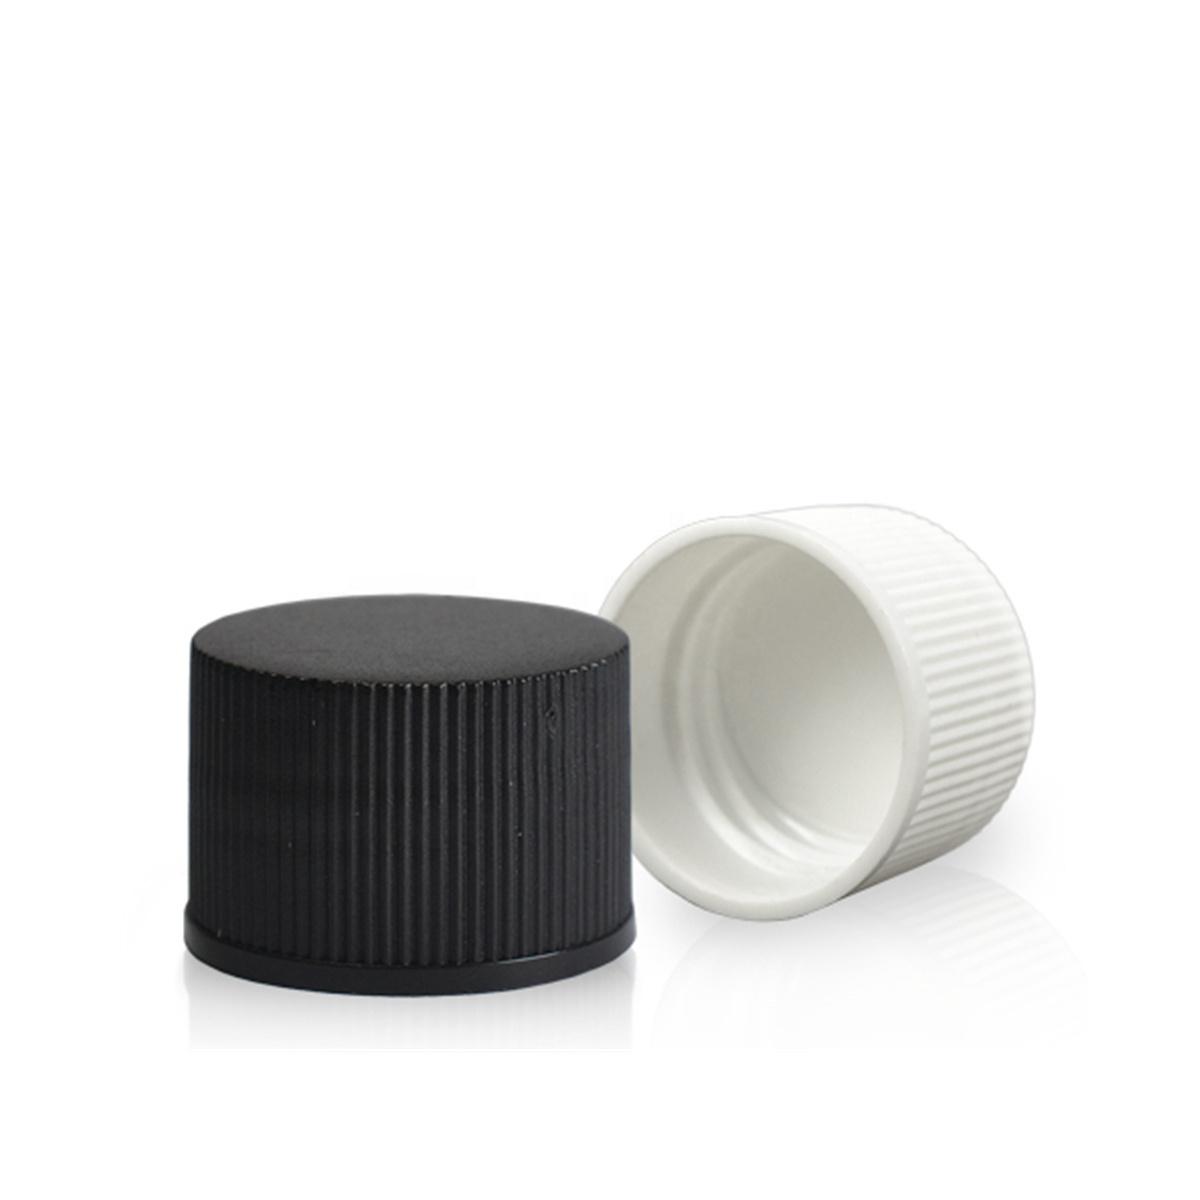 20/410 24/410 28/410 White Black Plastic Bottle Cap Closure PP Screw Cap